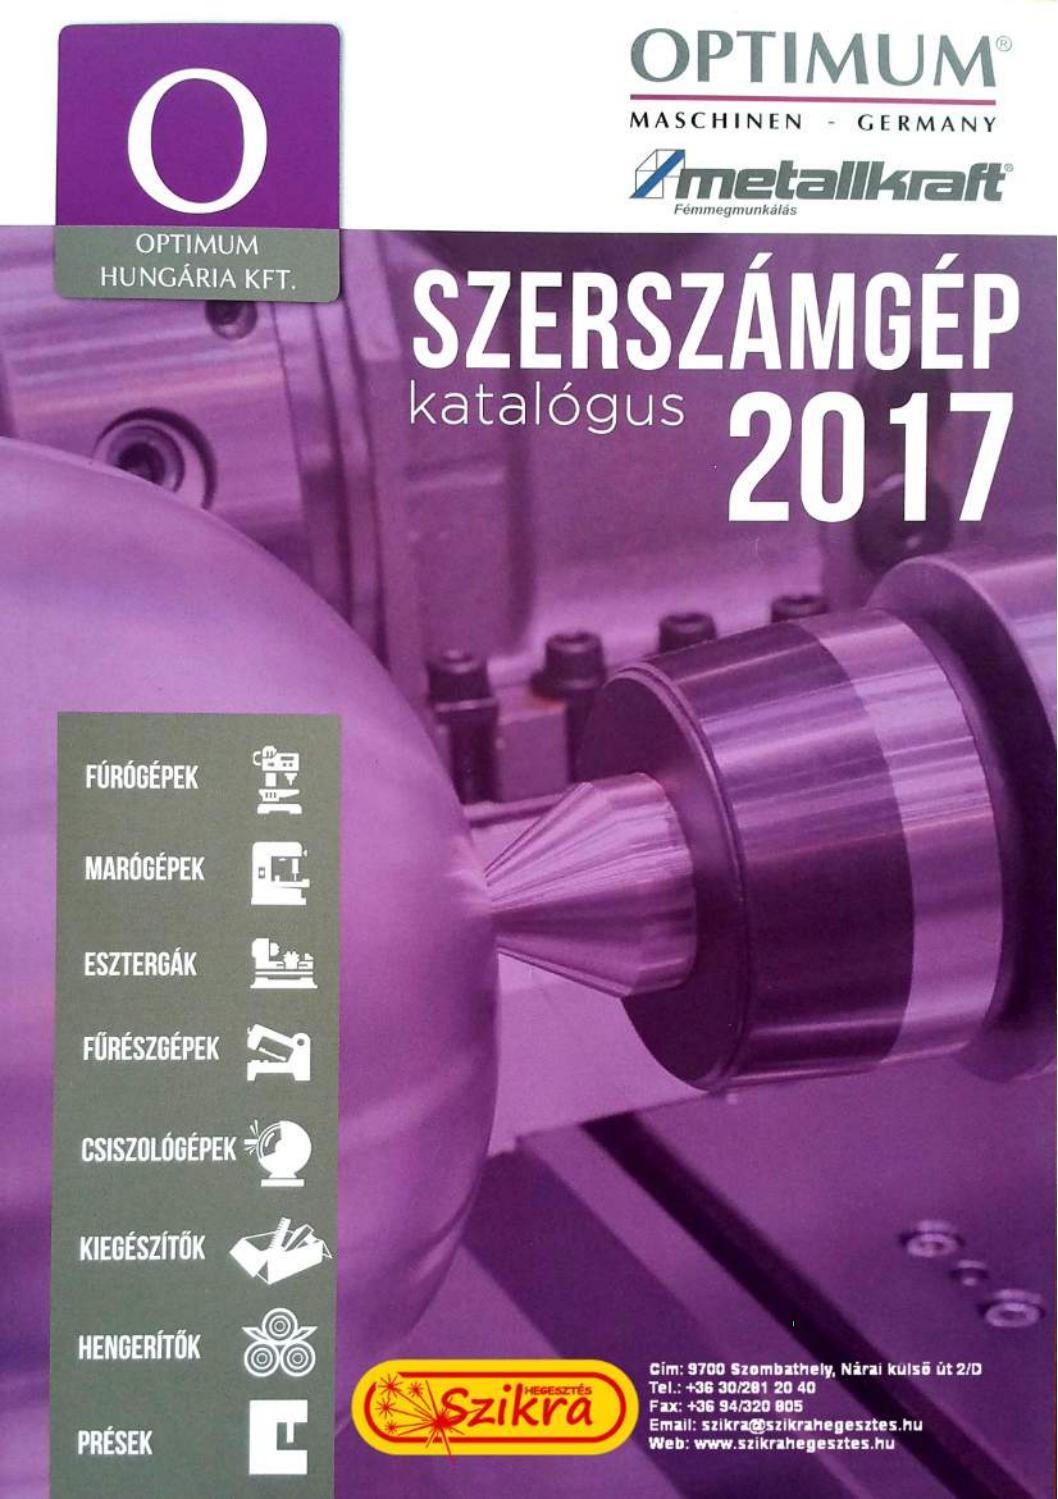 631c8a03045a Szerszámgép 2017 akciós katalógus. Szikra Hegesztéstechnika by Szikra -  issuu